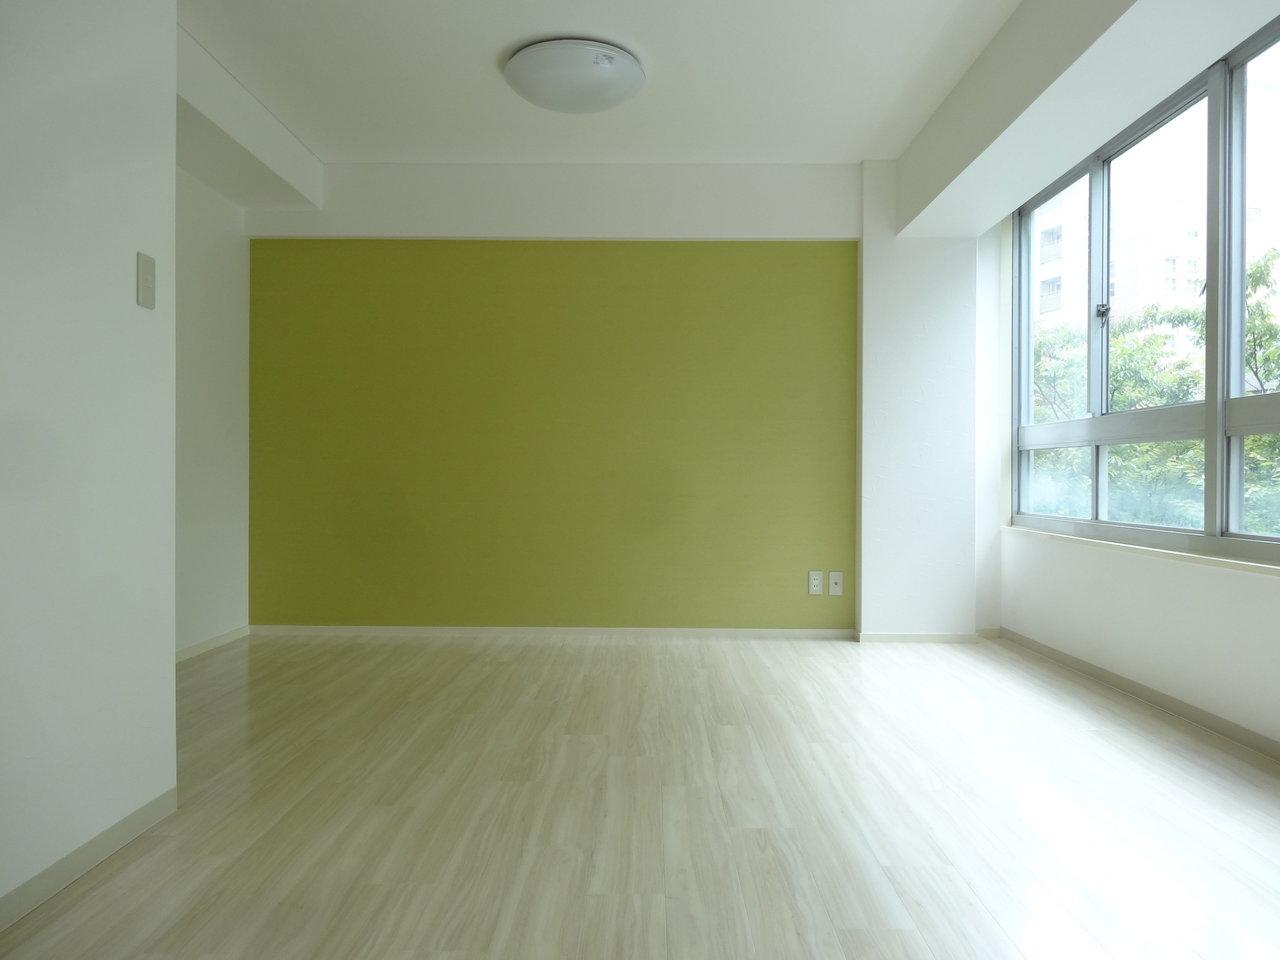 壁紙のライムグリーンも素敵です